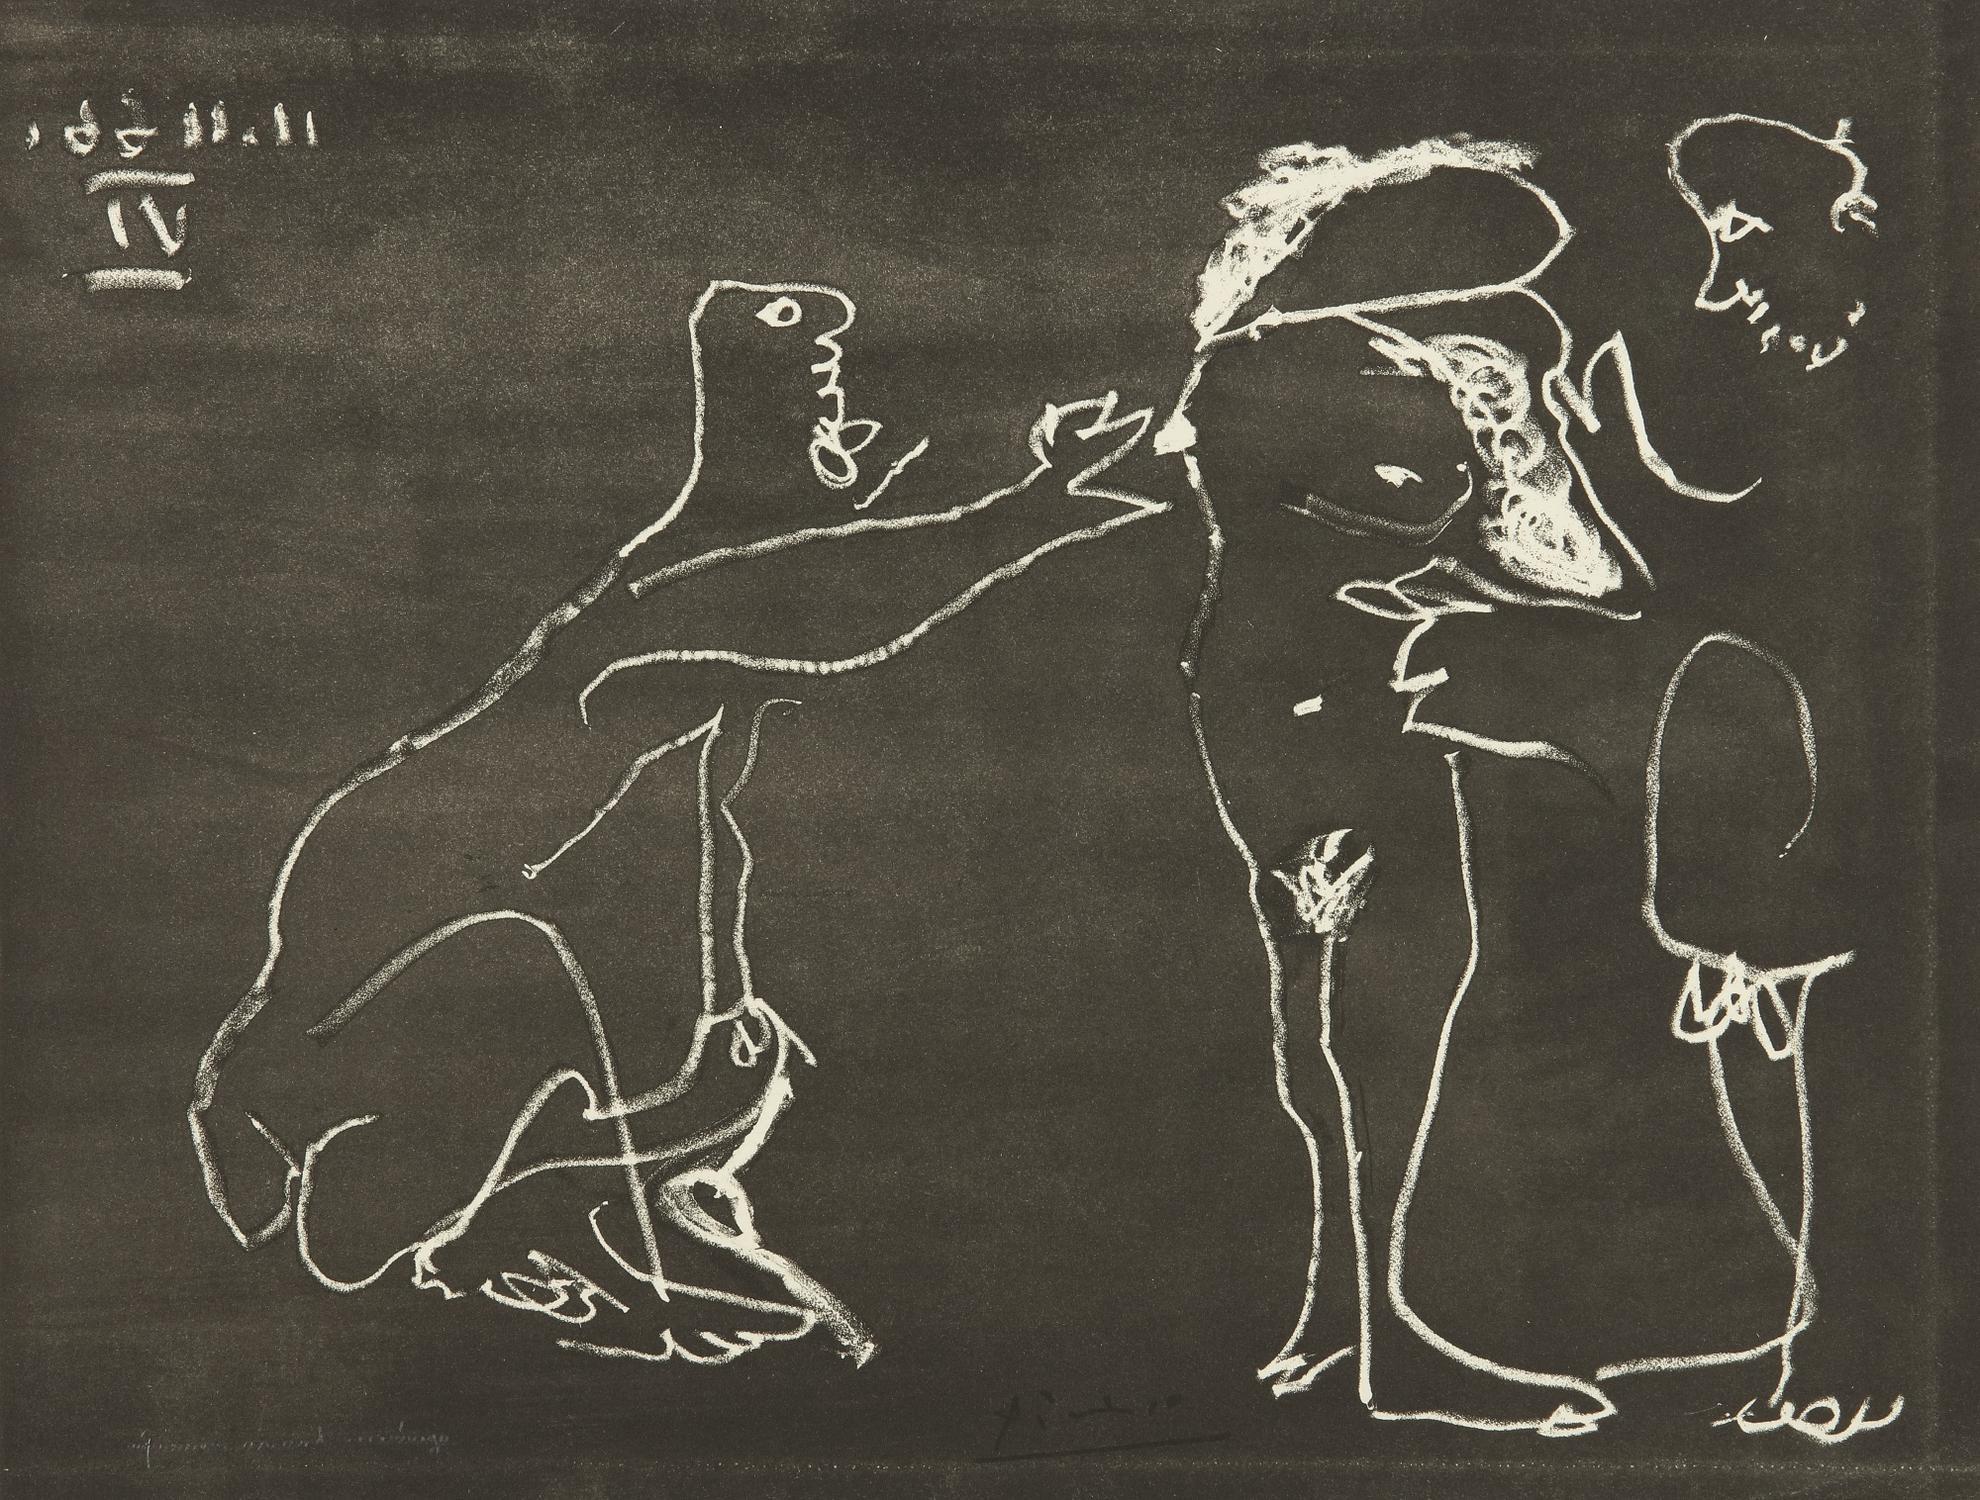 Pablo Picasso-Femme Nue Se Cachant Le Visage, Avec Deux Hommes (B. 1412; Ba. 1427)-1966